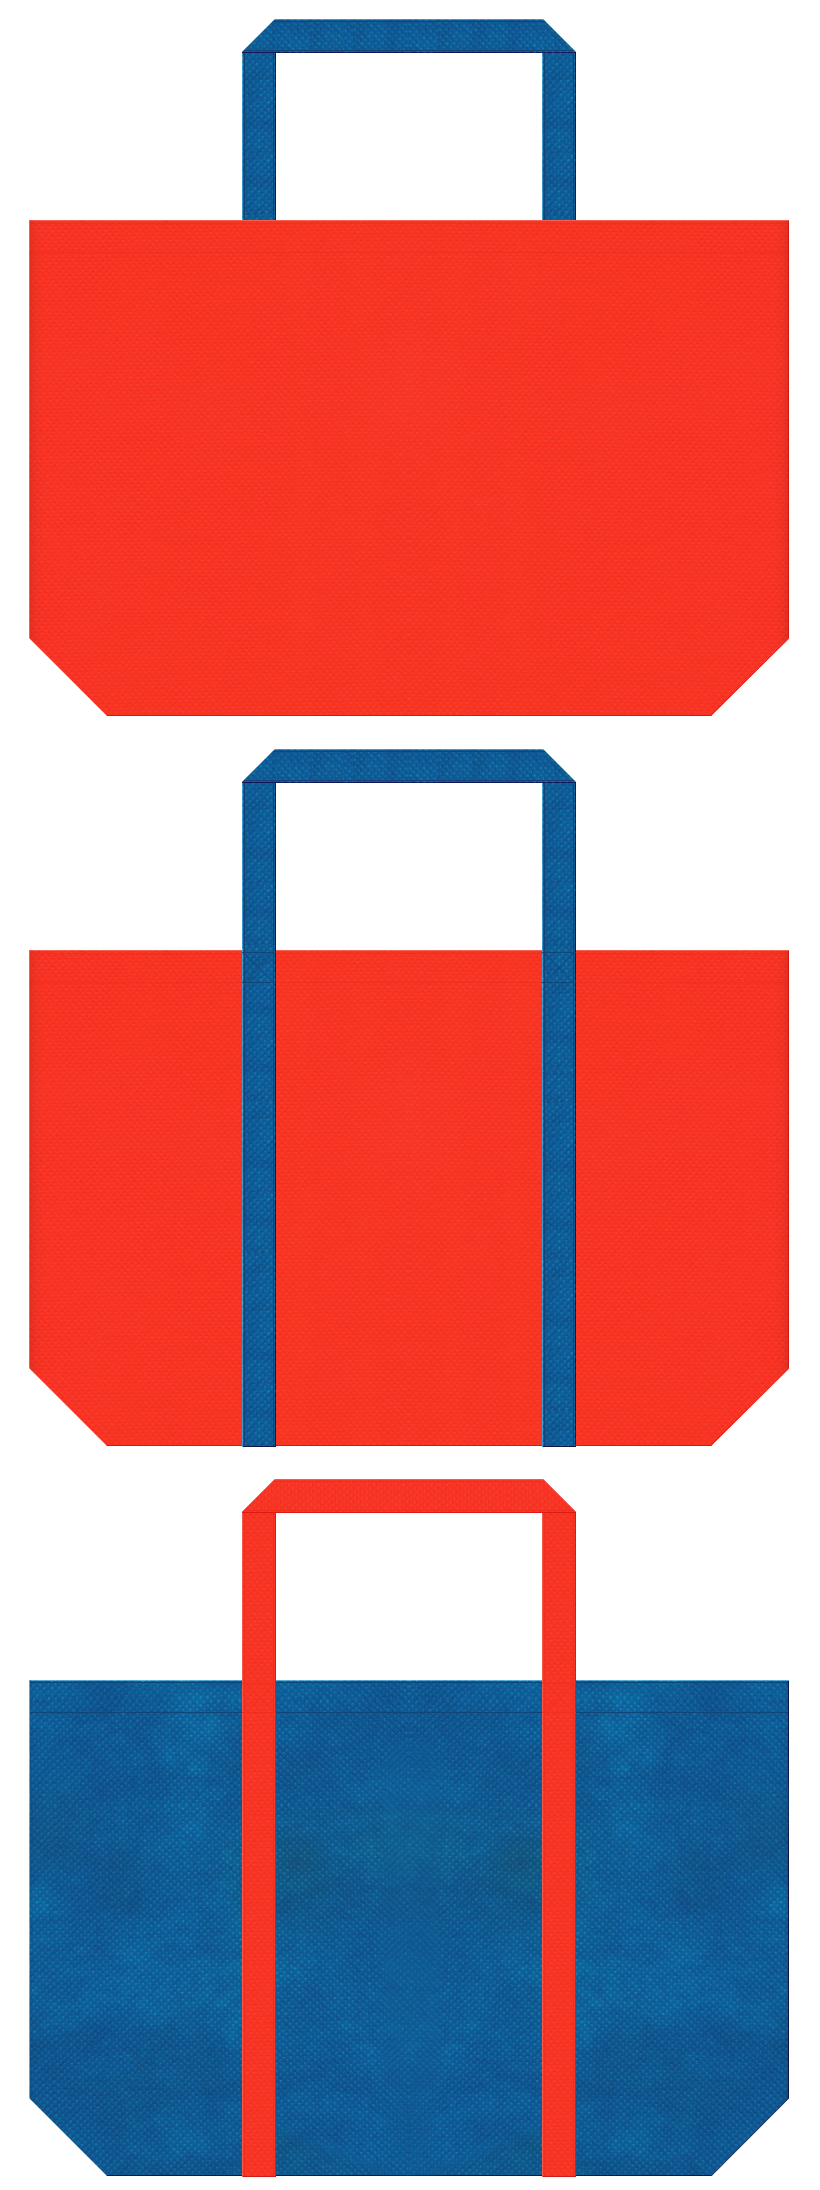 テーマパーク・おもちゃ・キッズイベントにお奨めの不織布バッグデザイン:オレンジ色と青色のコーデ